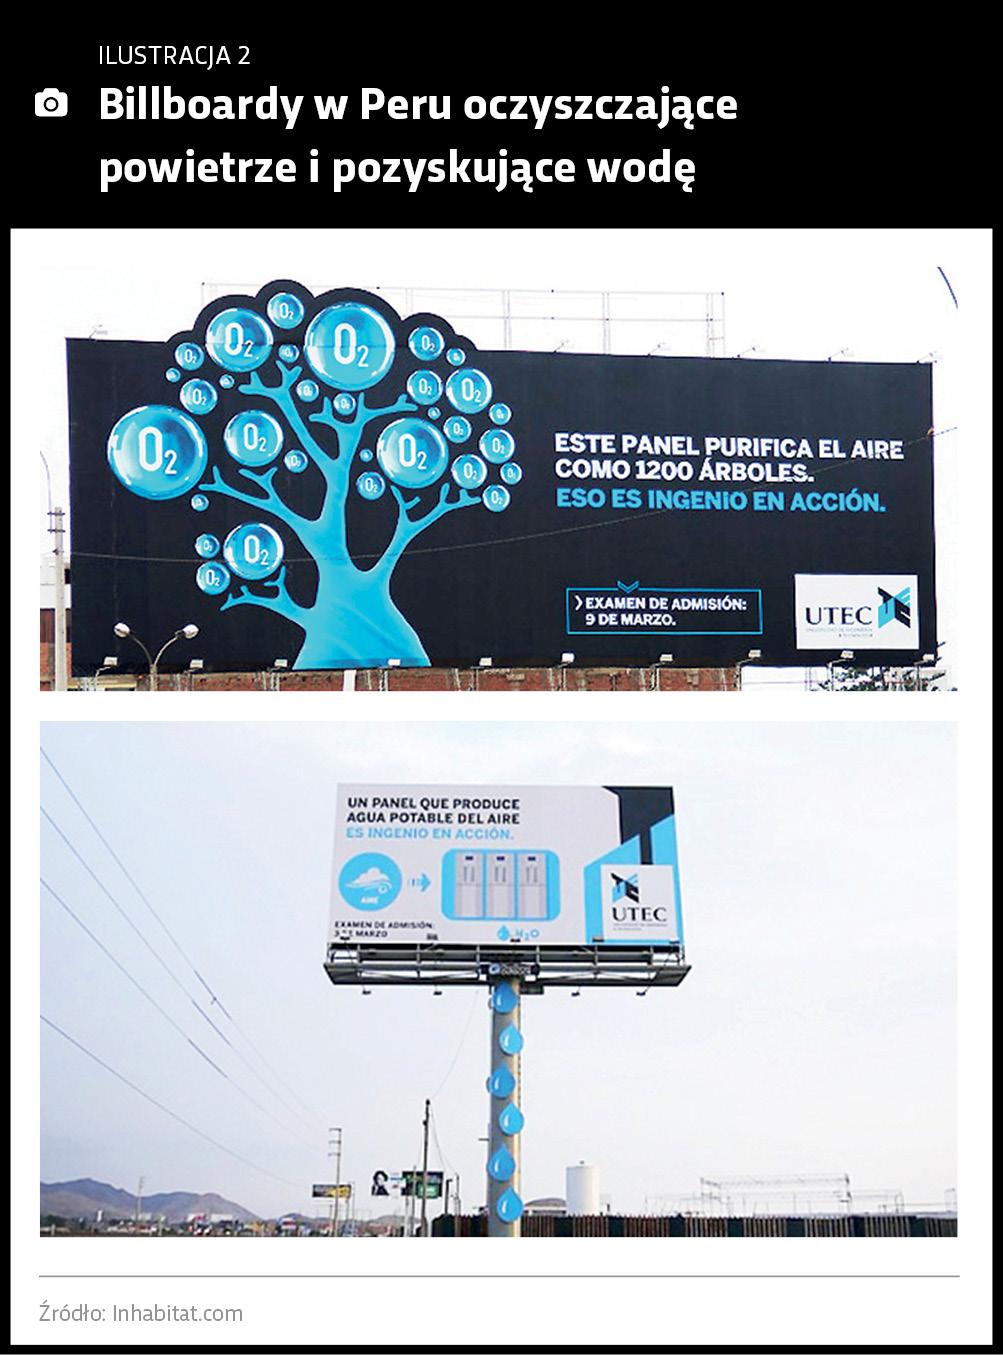 Billboardy w Peru oczyszczające powietrze i pozyskujące wodę